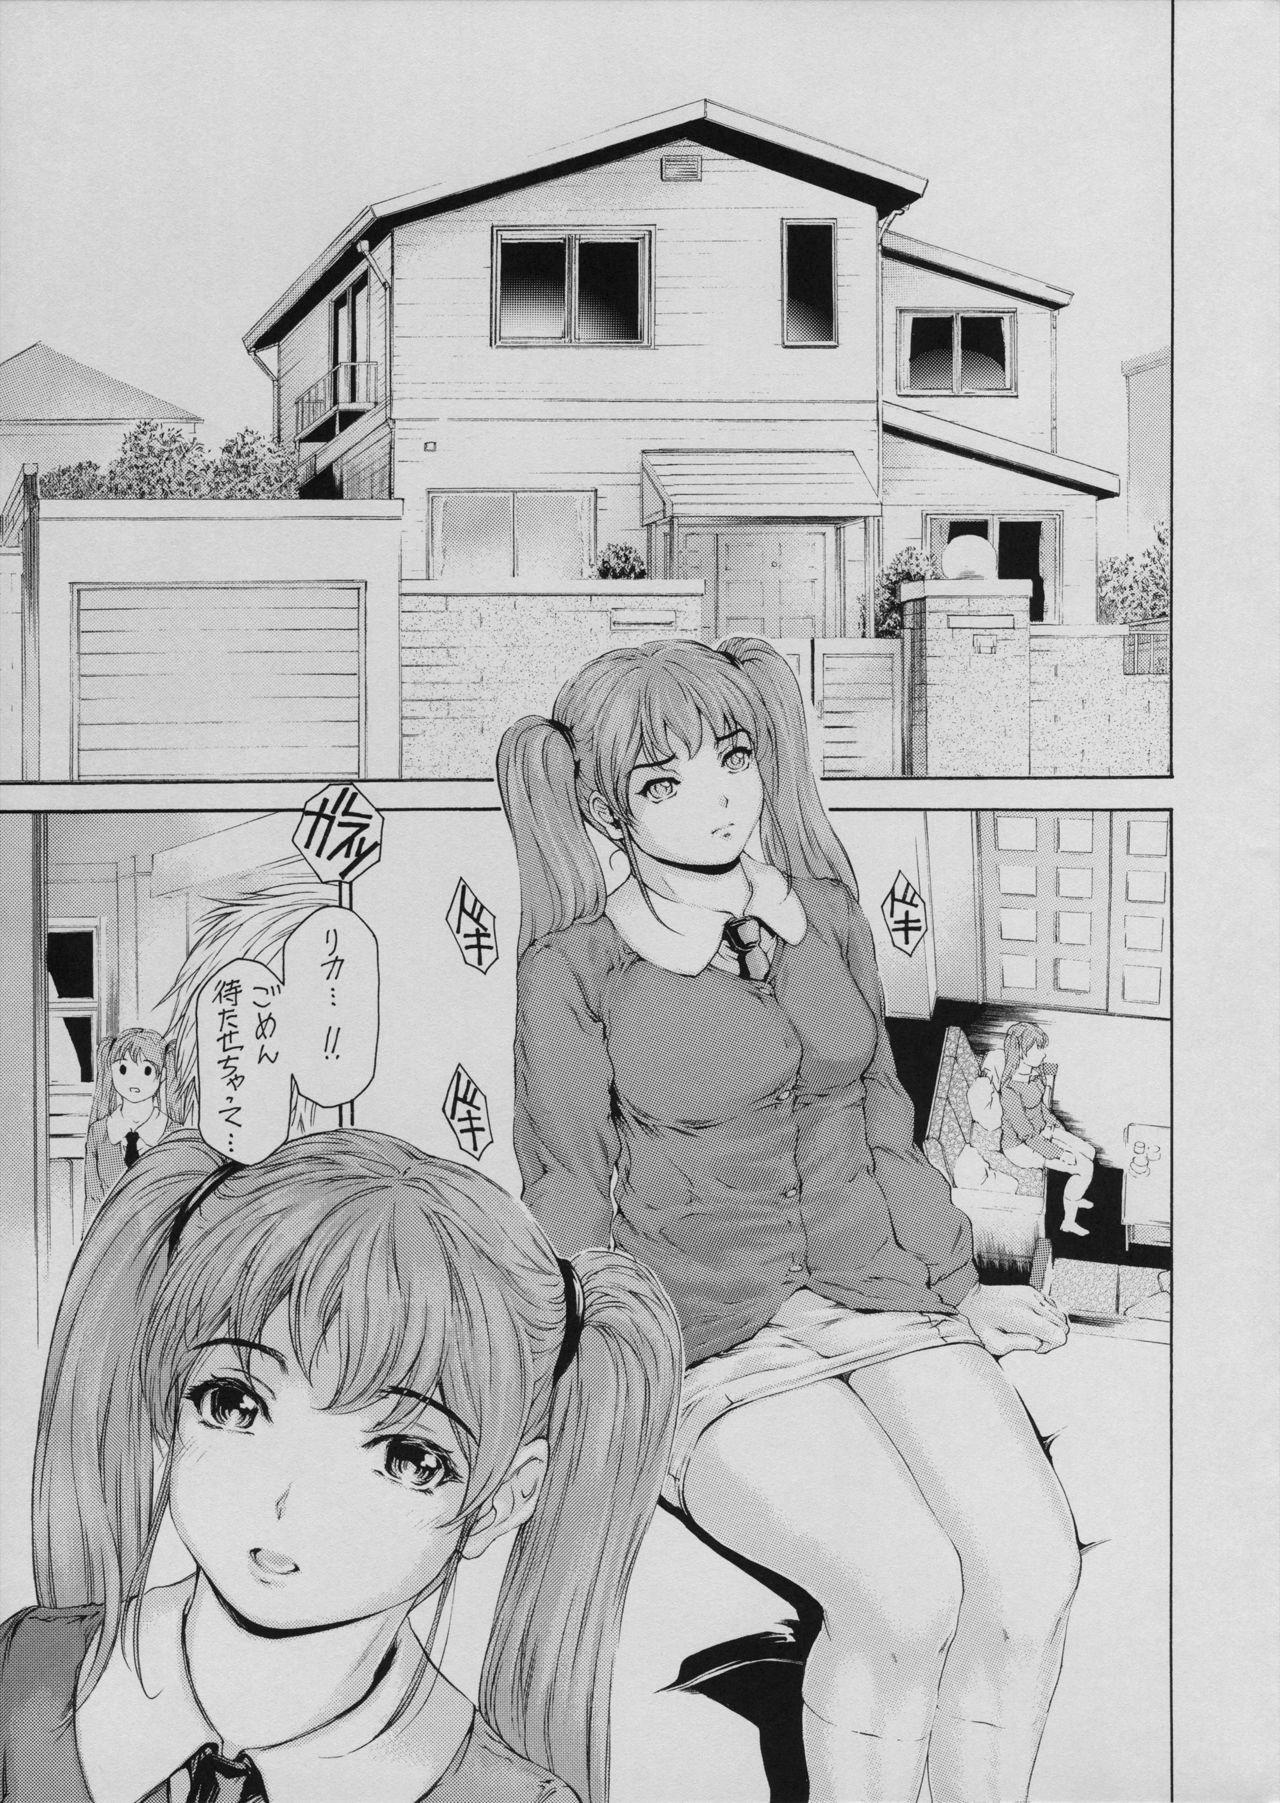 [Subesube 1kg (Narita Kyousha)] 9-Ji Kara 5-ji Made no Koibito Dai 11 wa - Nine to Five Lover 2